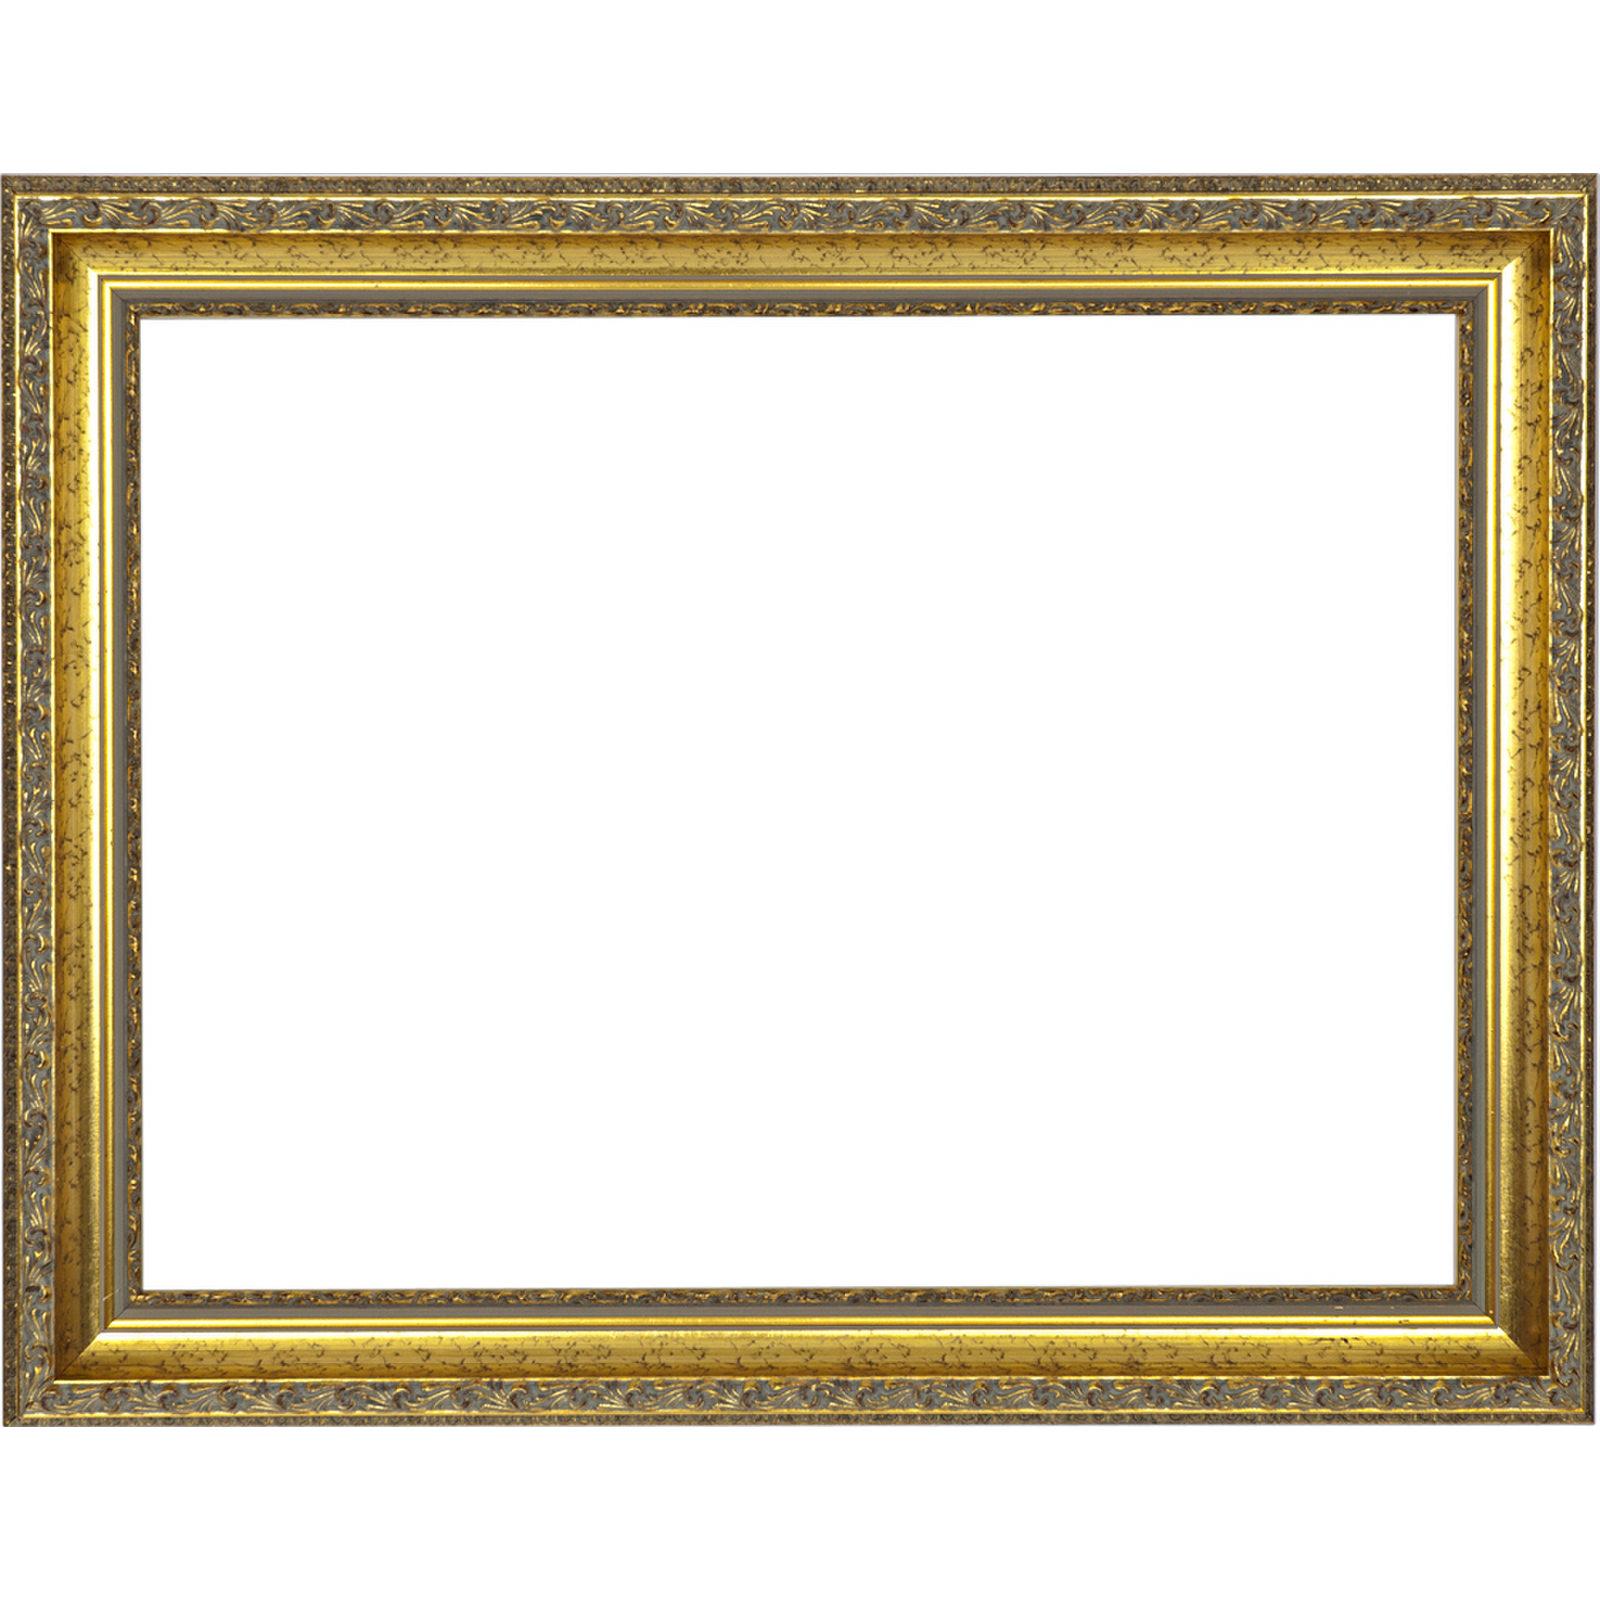 Cornice barocca 986 oro ornate cornici vuote ebay for Cornici quadri